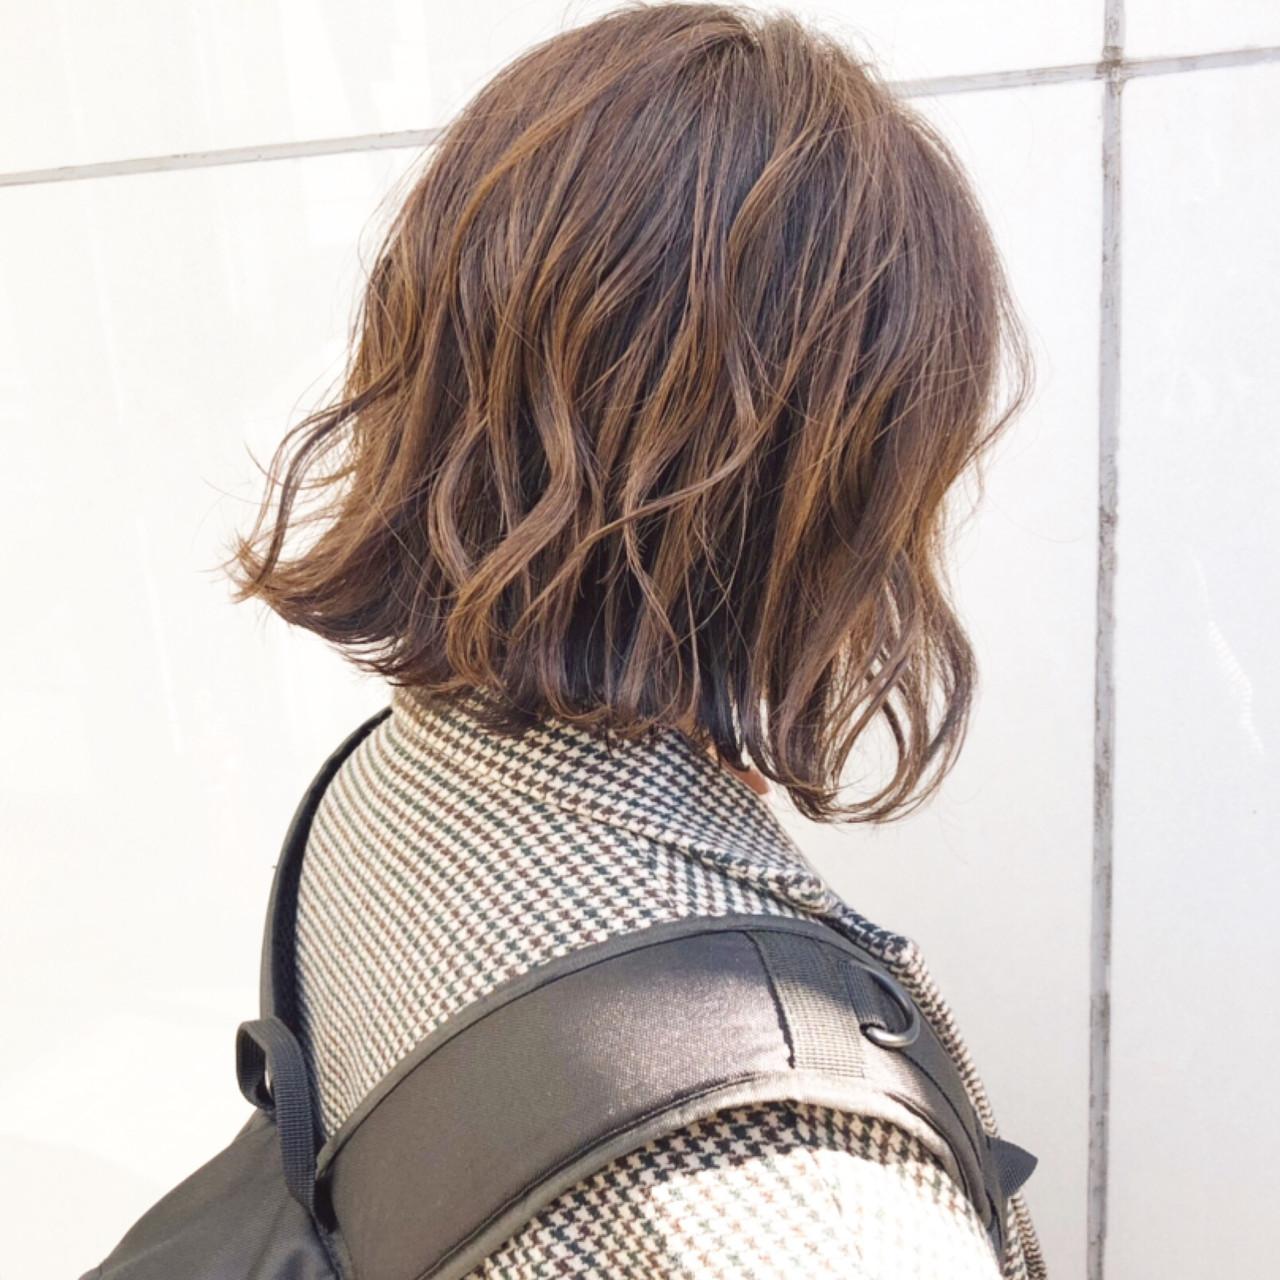 ストリート パーマ ヘアアレンジ デート ヘアスタイルや髪型の写真・画像 | 『ボブ美容師』永田邦彦 表参道 / send by HAIR